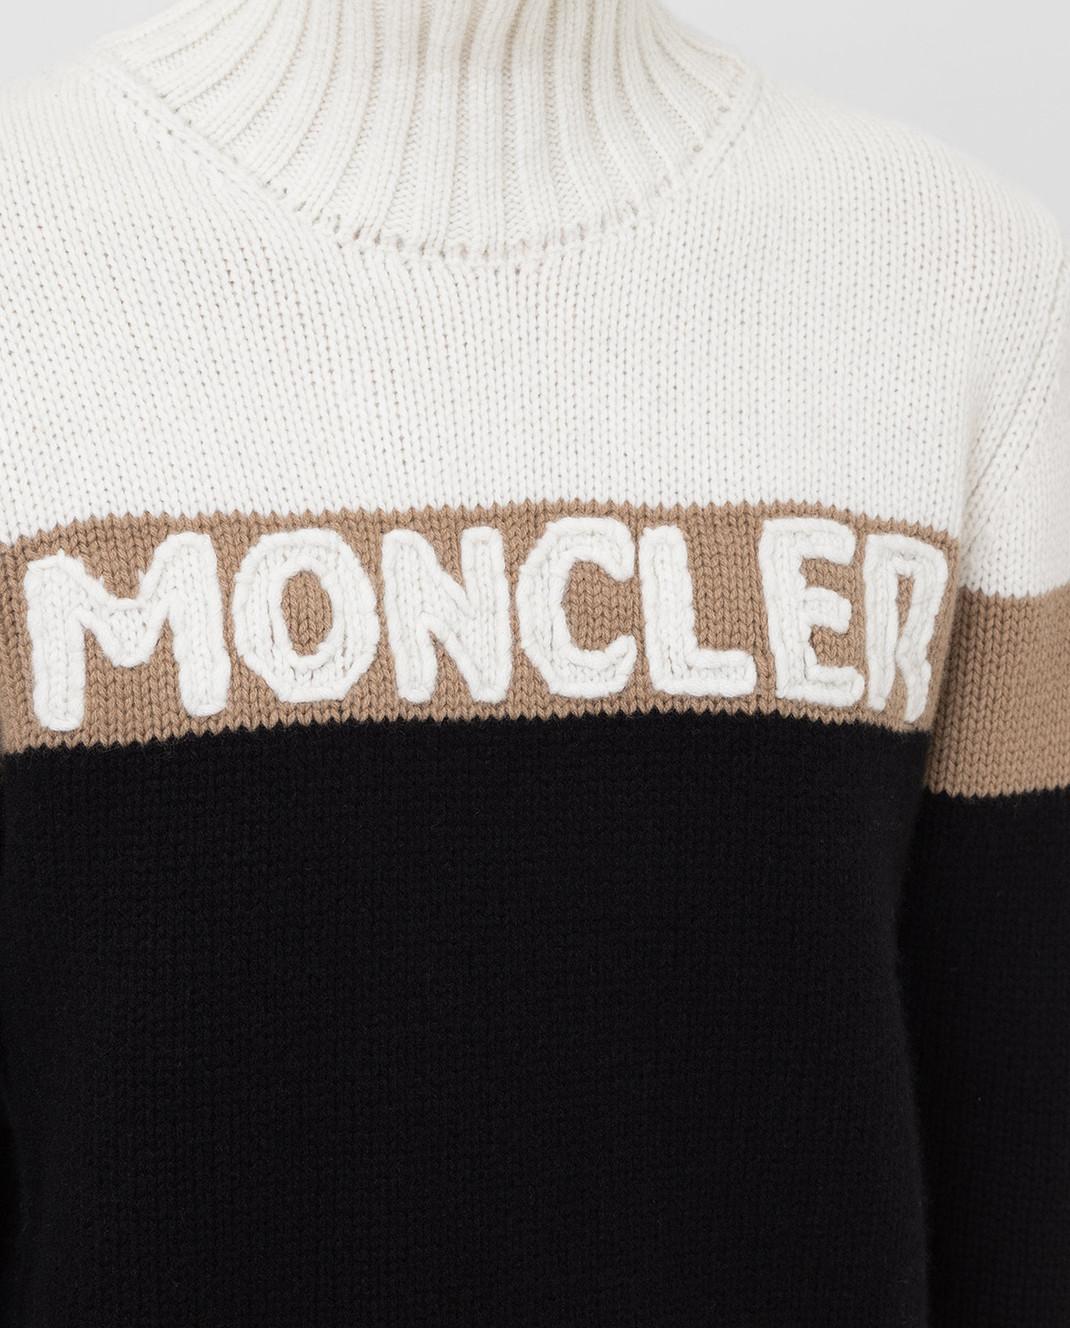 Moncler Свитер из шерсти и кашемира 9252550A9141 изображение 5